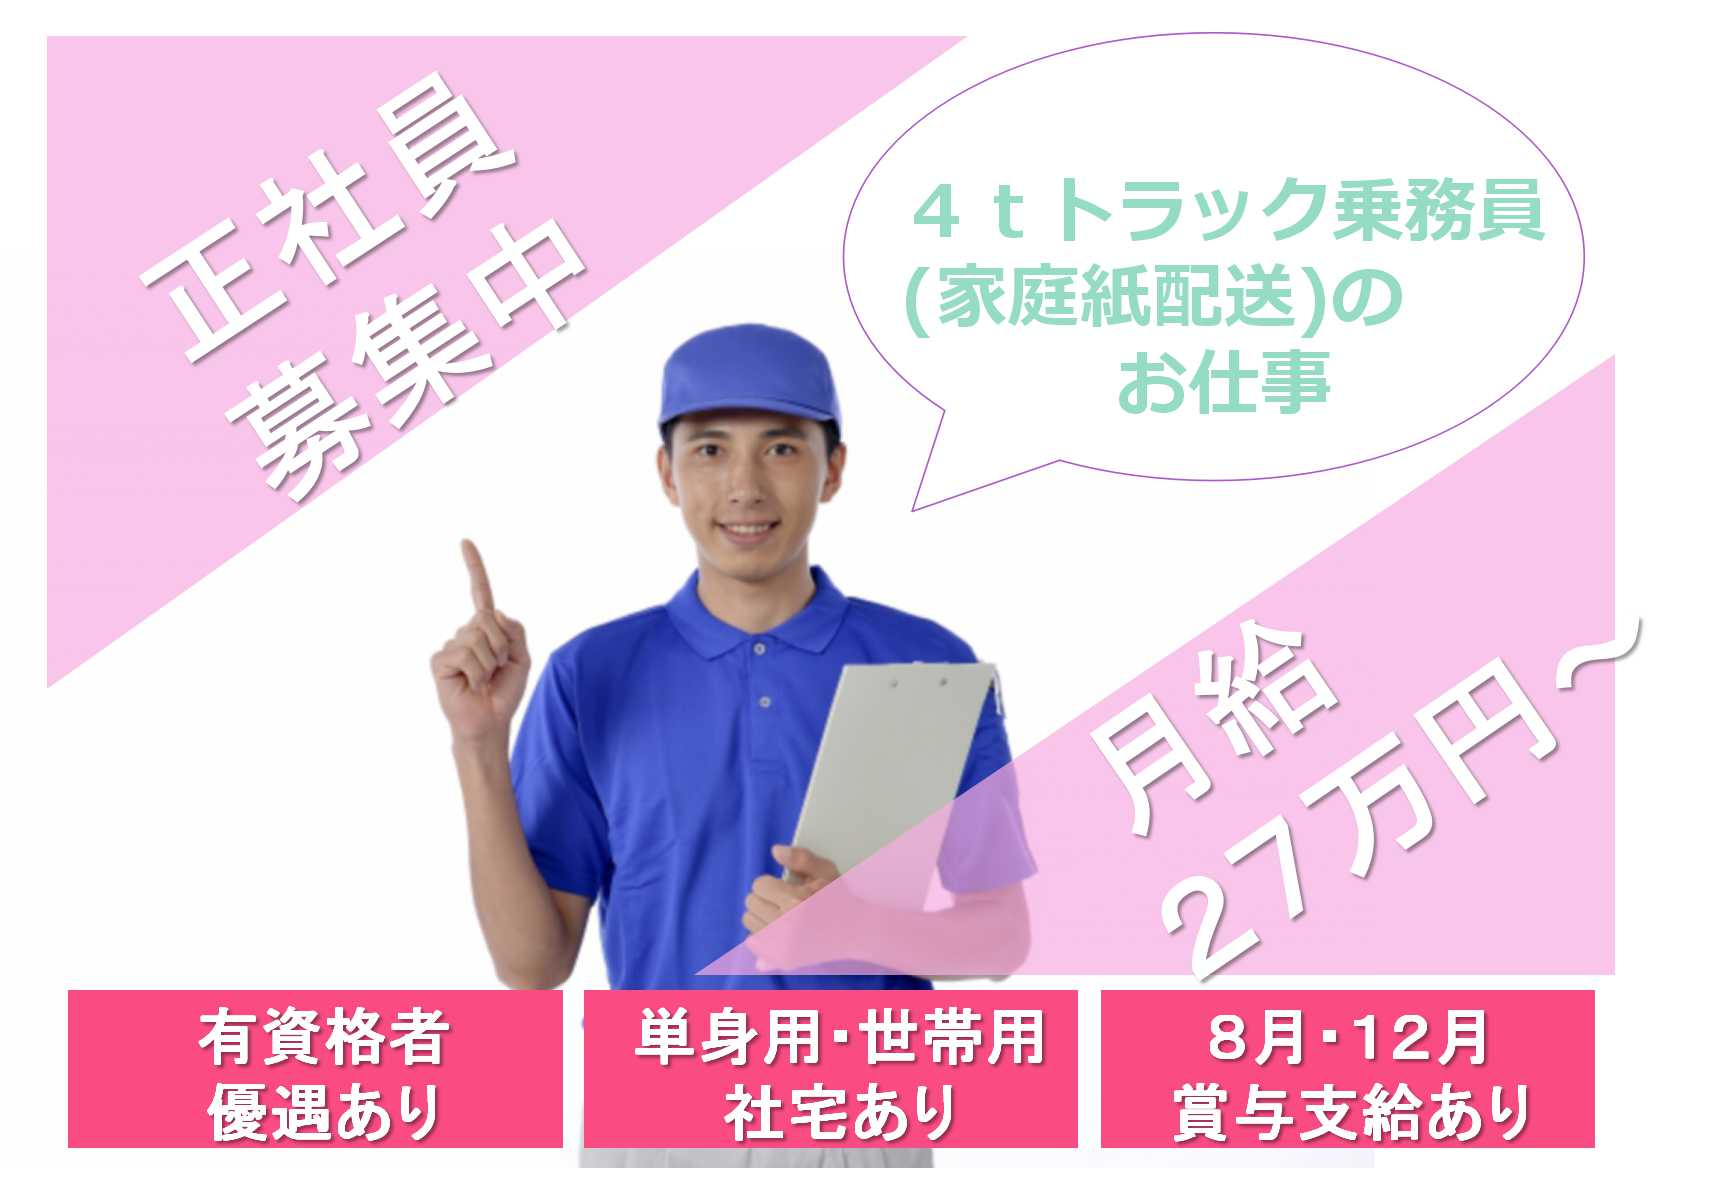 社宅あり★普通車免許でOK!4tトラック乗務員【即面談可能】 イメージ